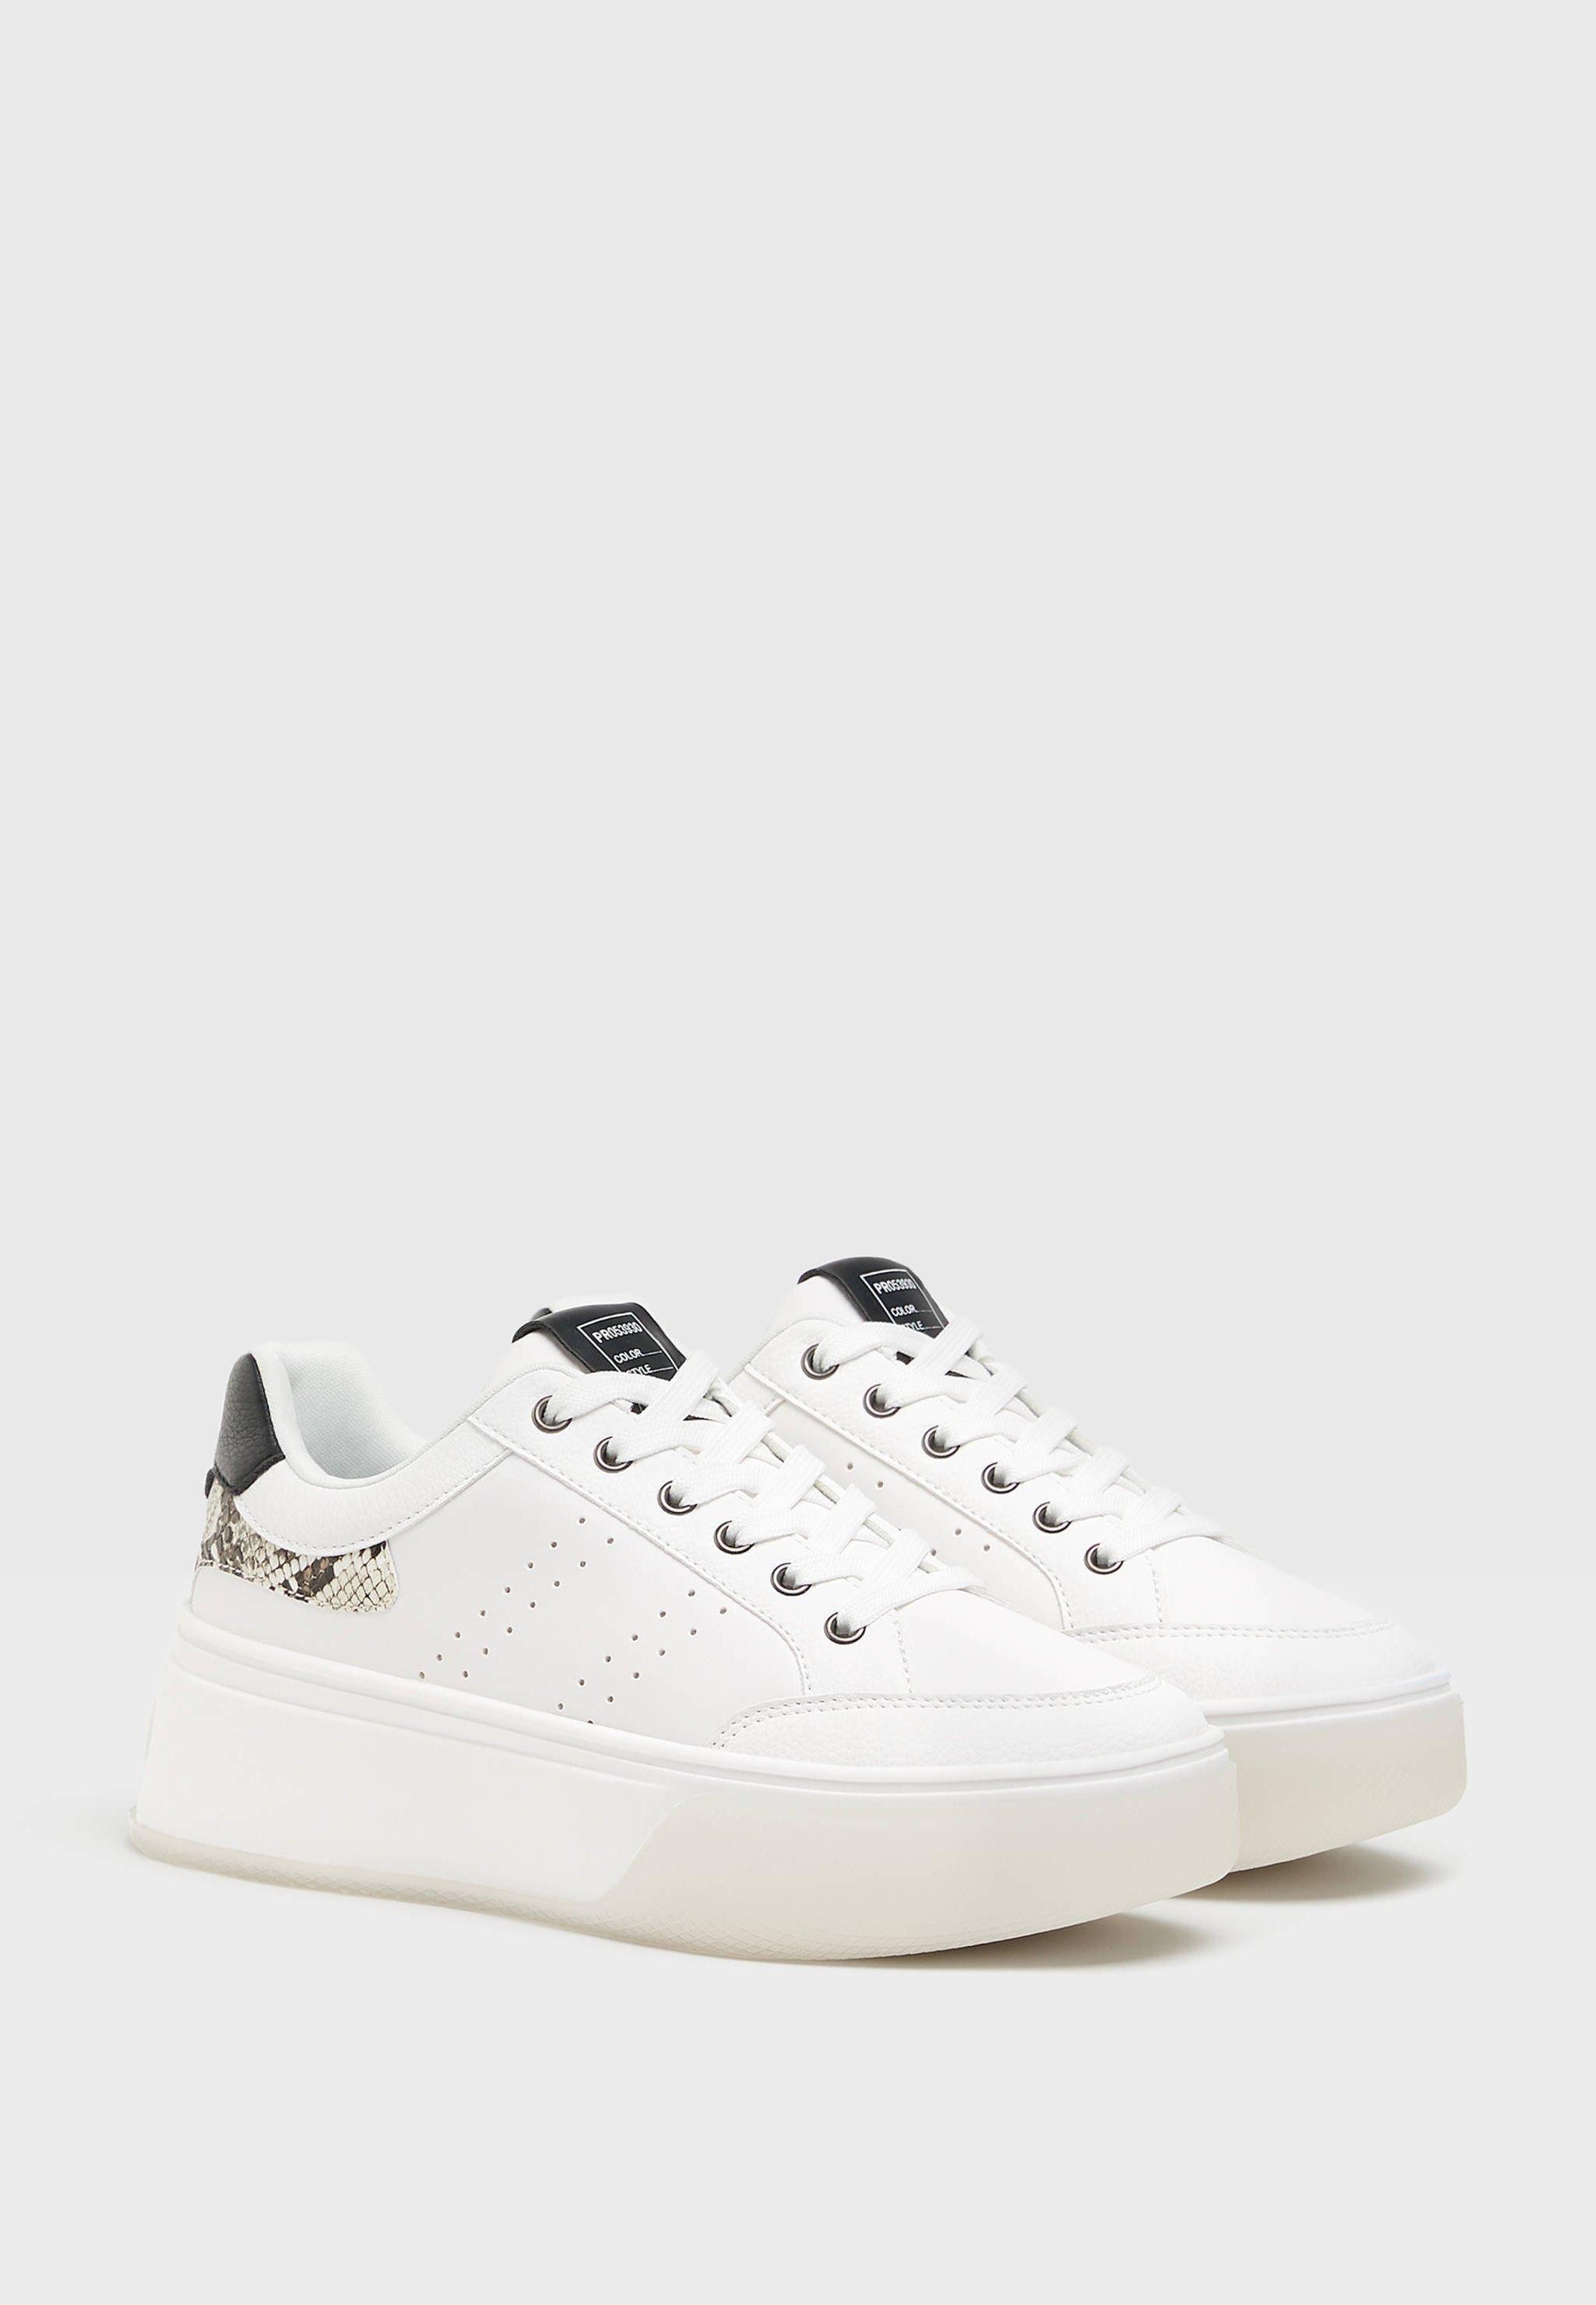 TIERPRÄGUNG Sneakers white